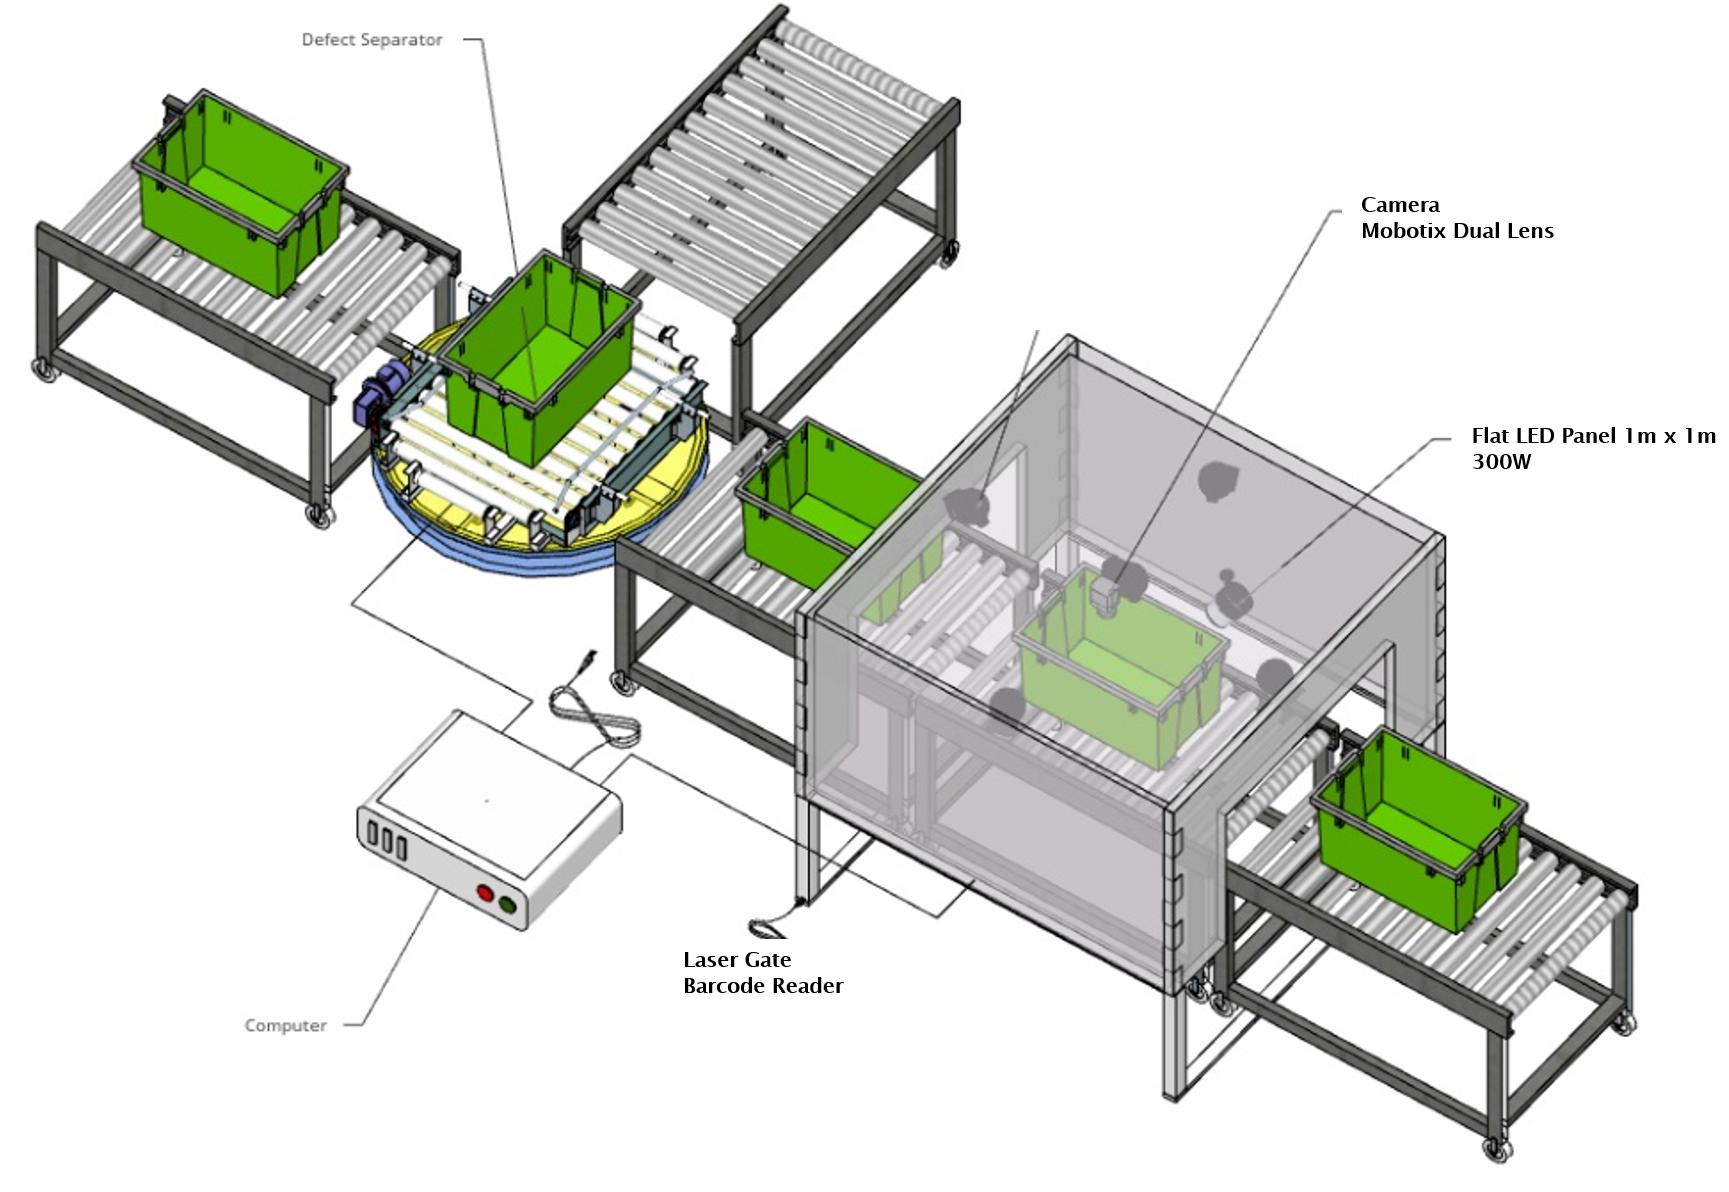 Konica Minolta запускає рішення Box Defect Detection для перевірки якості контейнерів для транспортування на виробництві та у логістиці